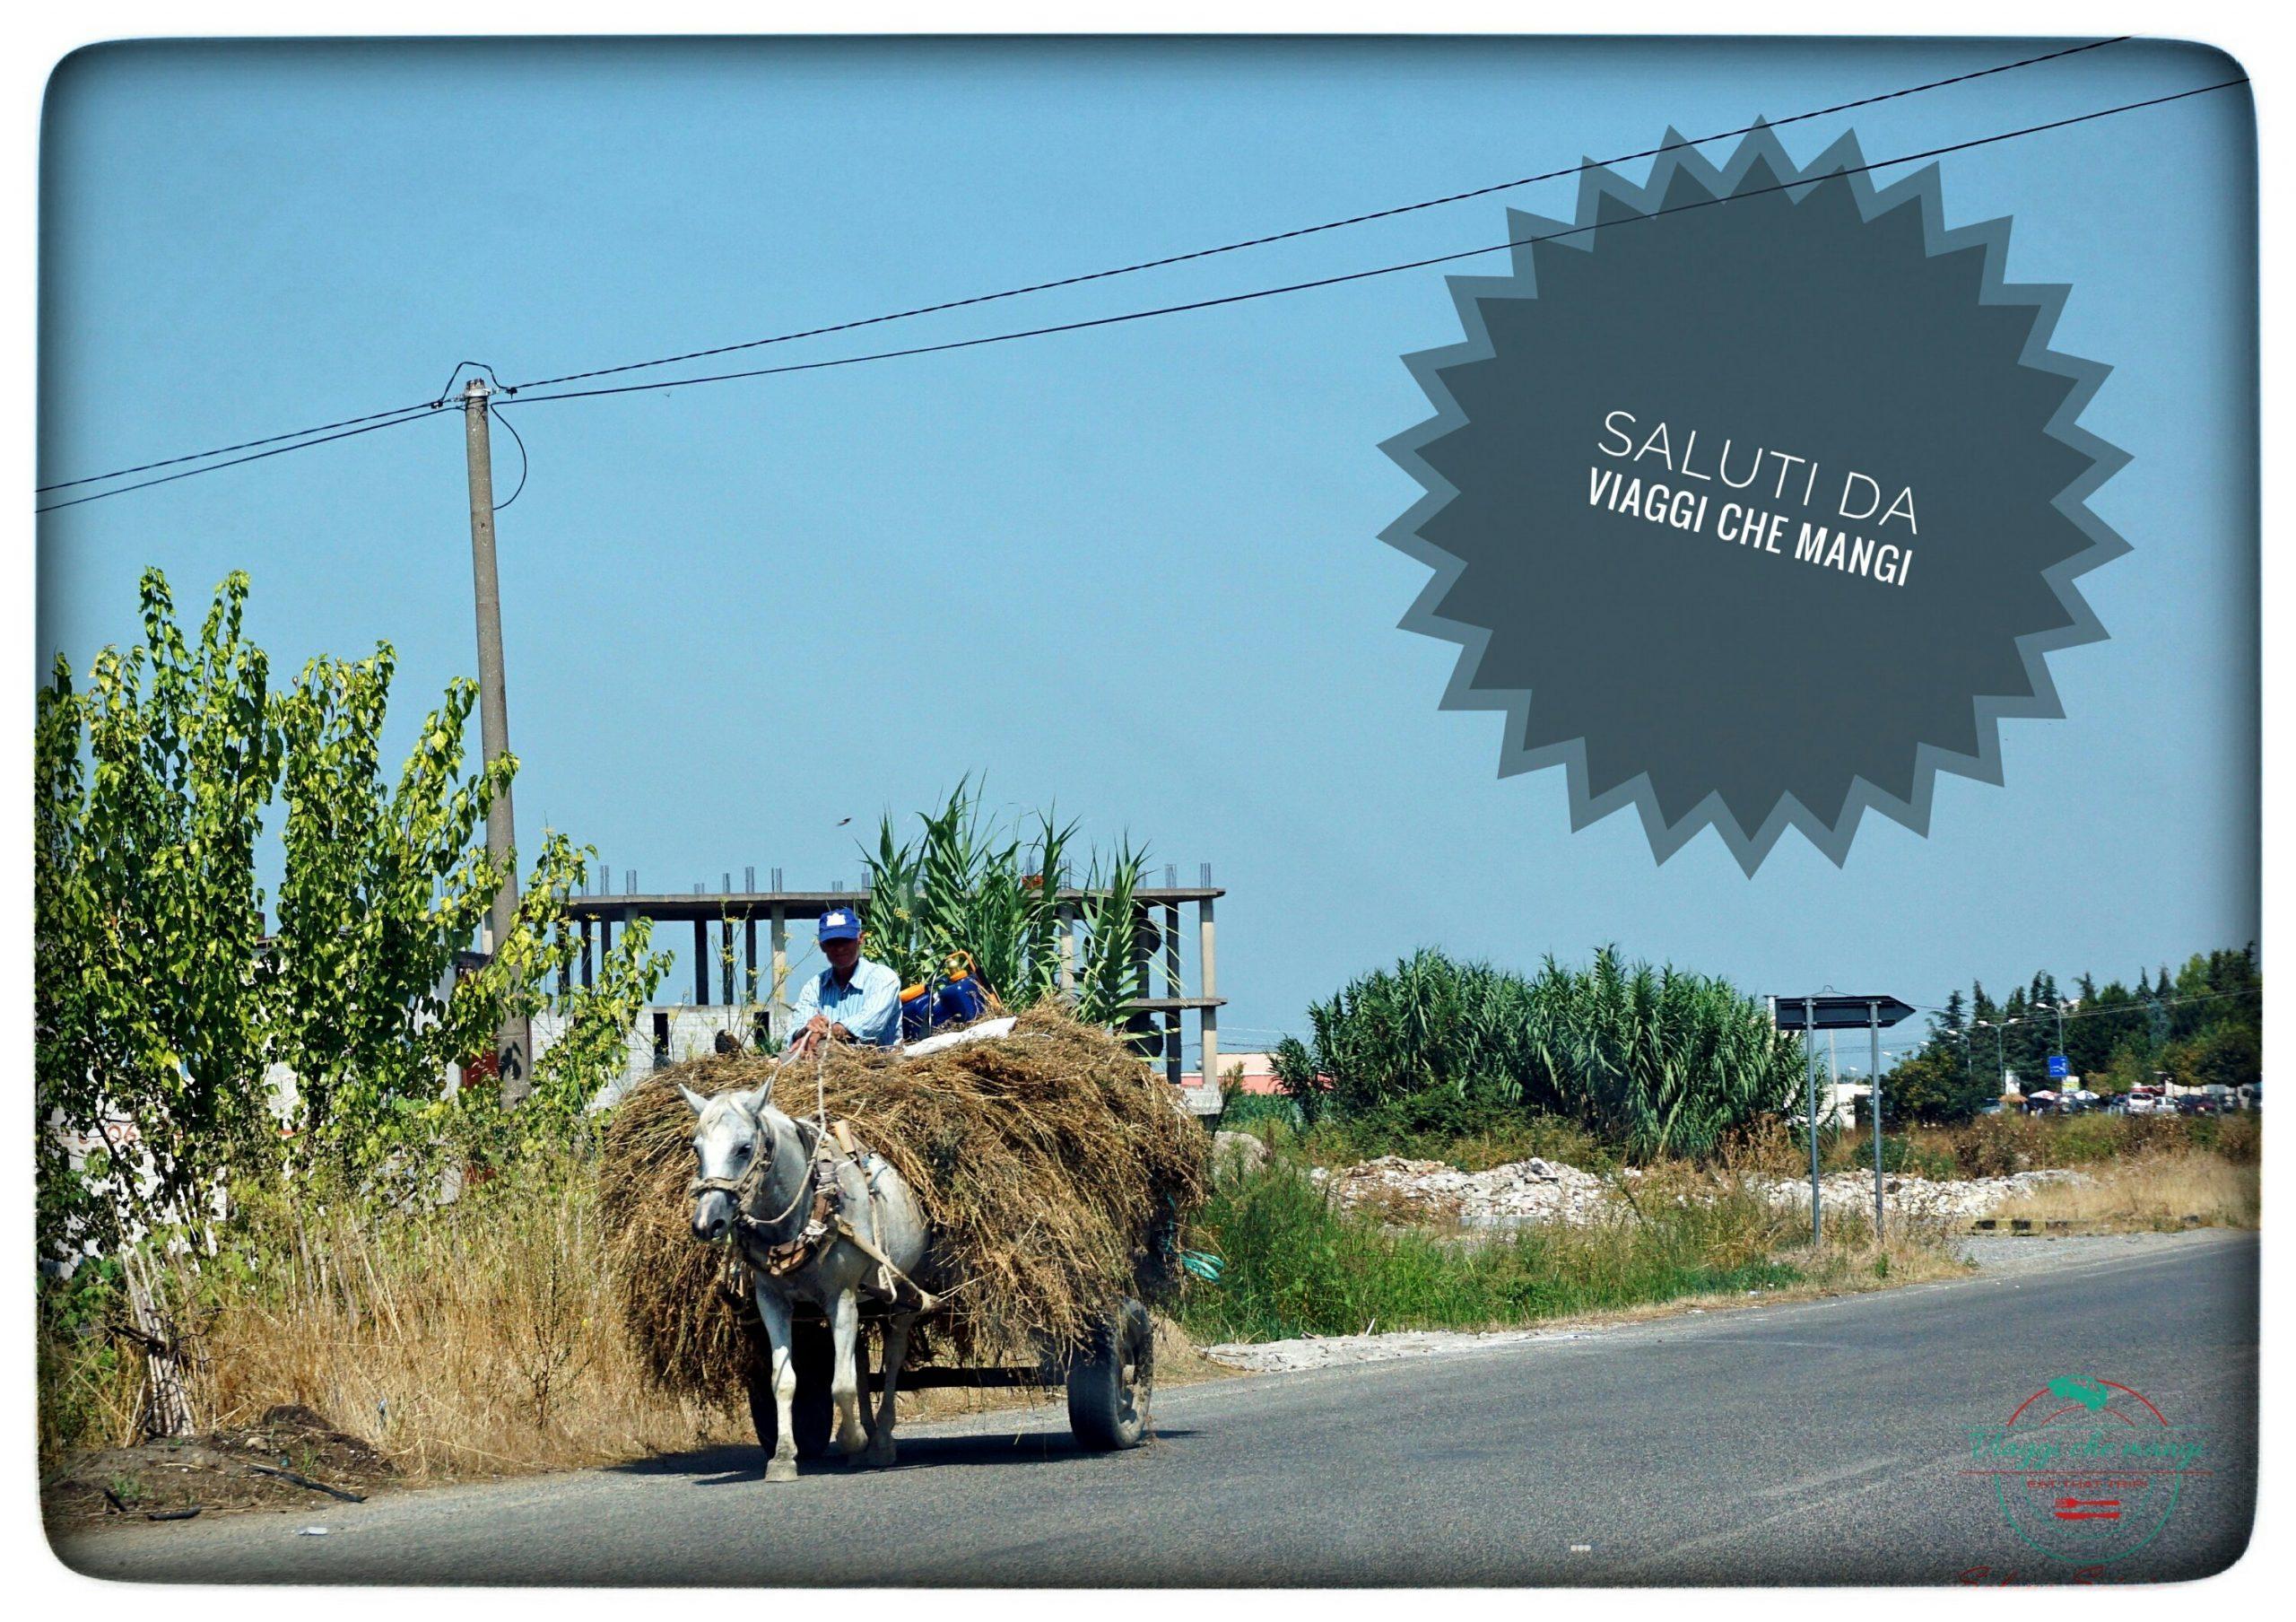 #CartolineDalMondo: saluti da Viaggi che Mangi